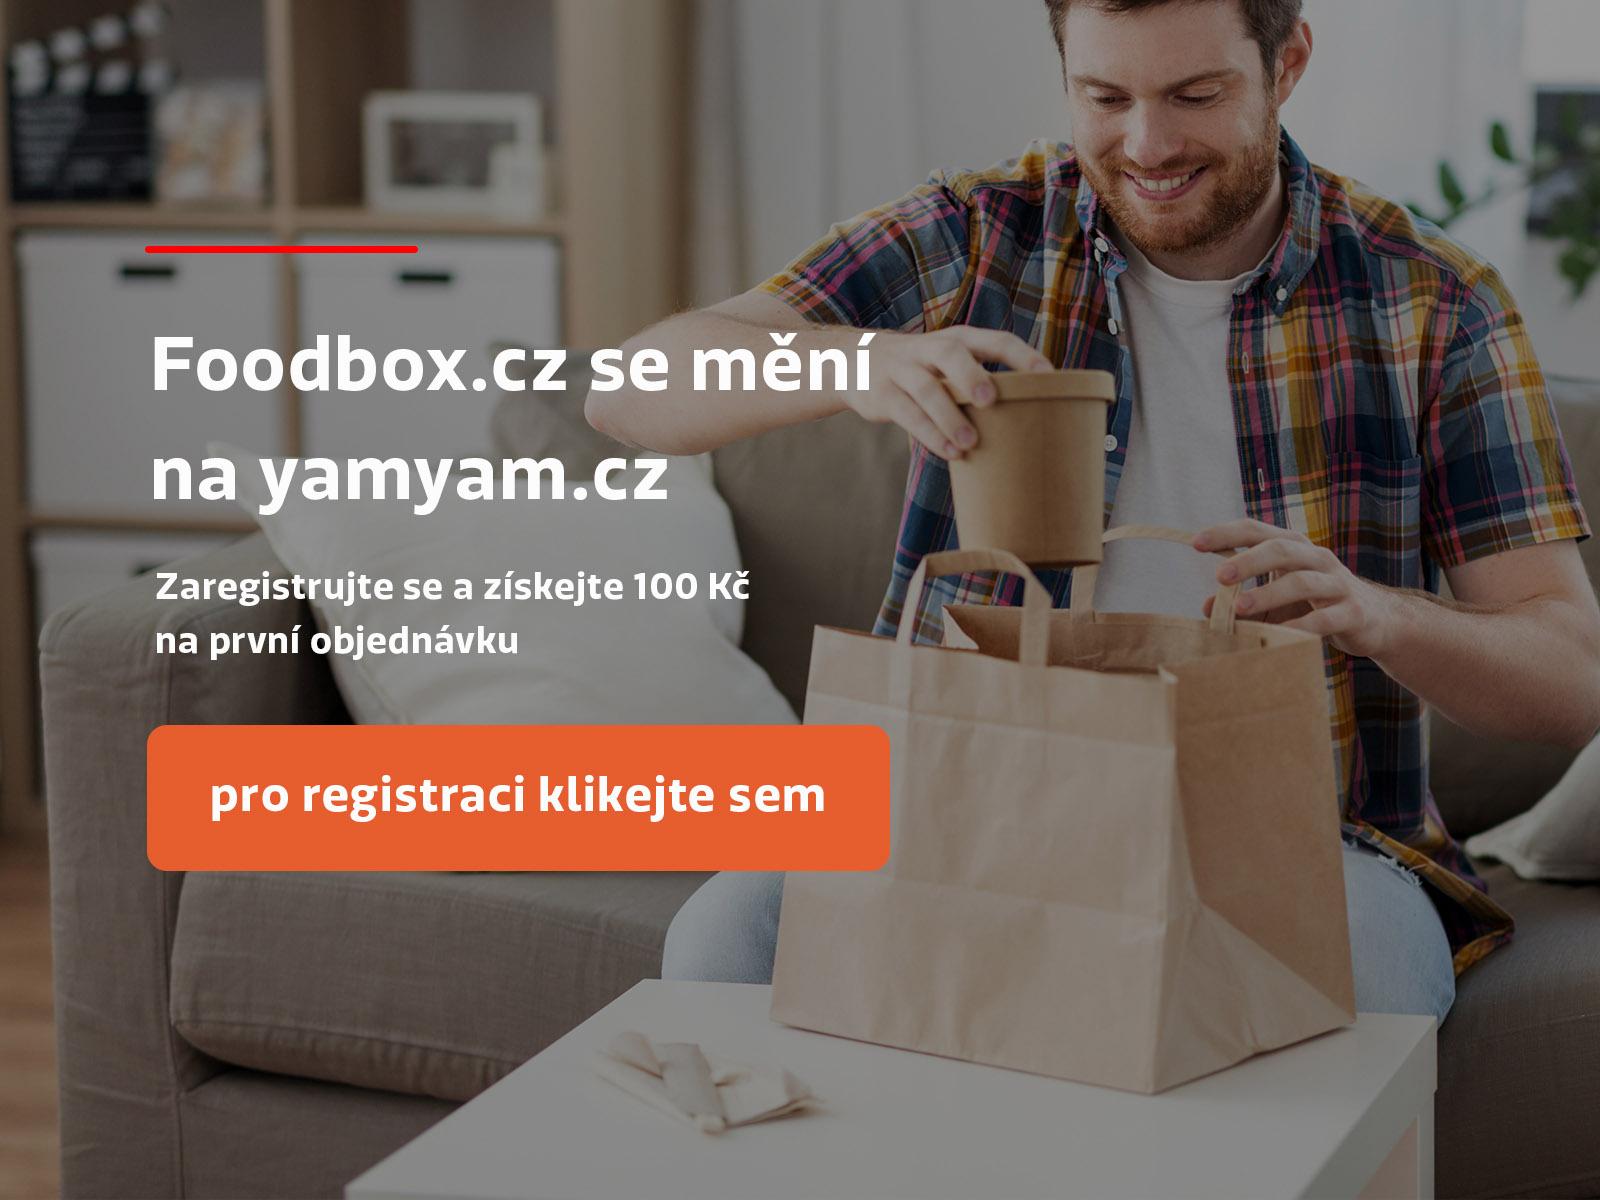 Foodbox.cz se mění na yamyam.cz - Zaregistrujte se a získejte 100 Kč na první objednávku - pro registraci klikněte sem